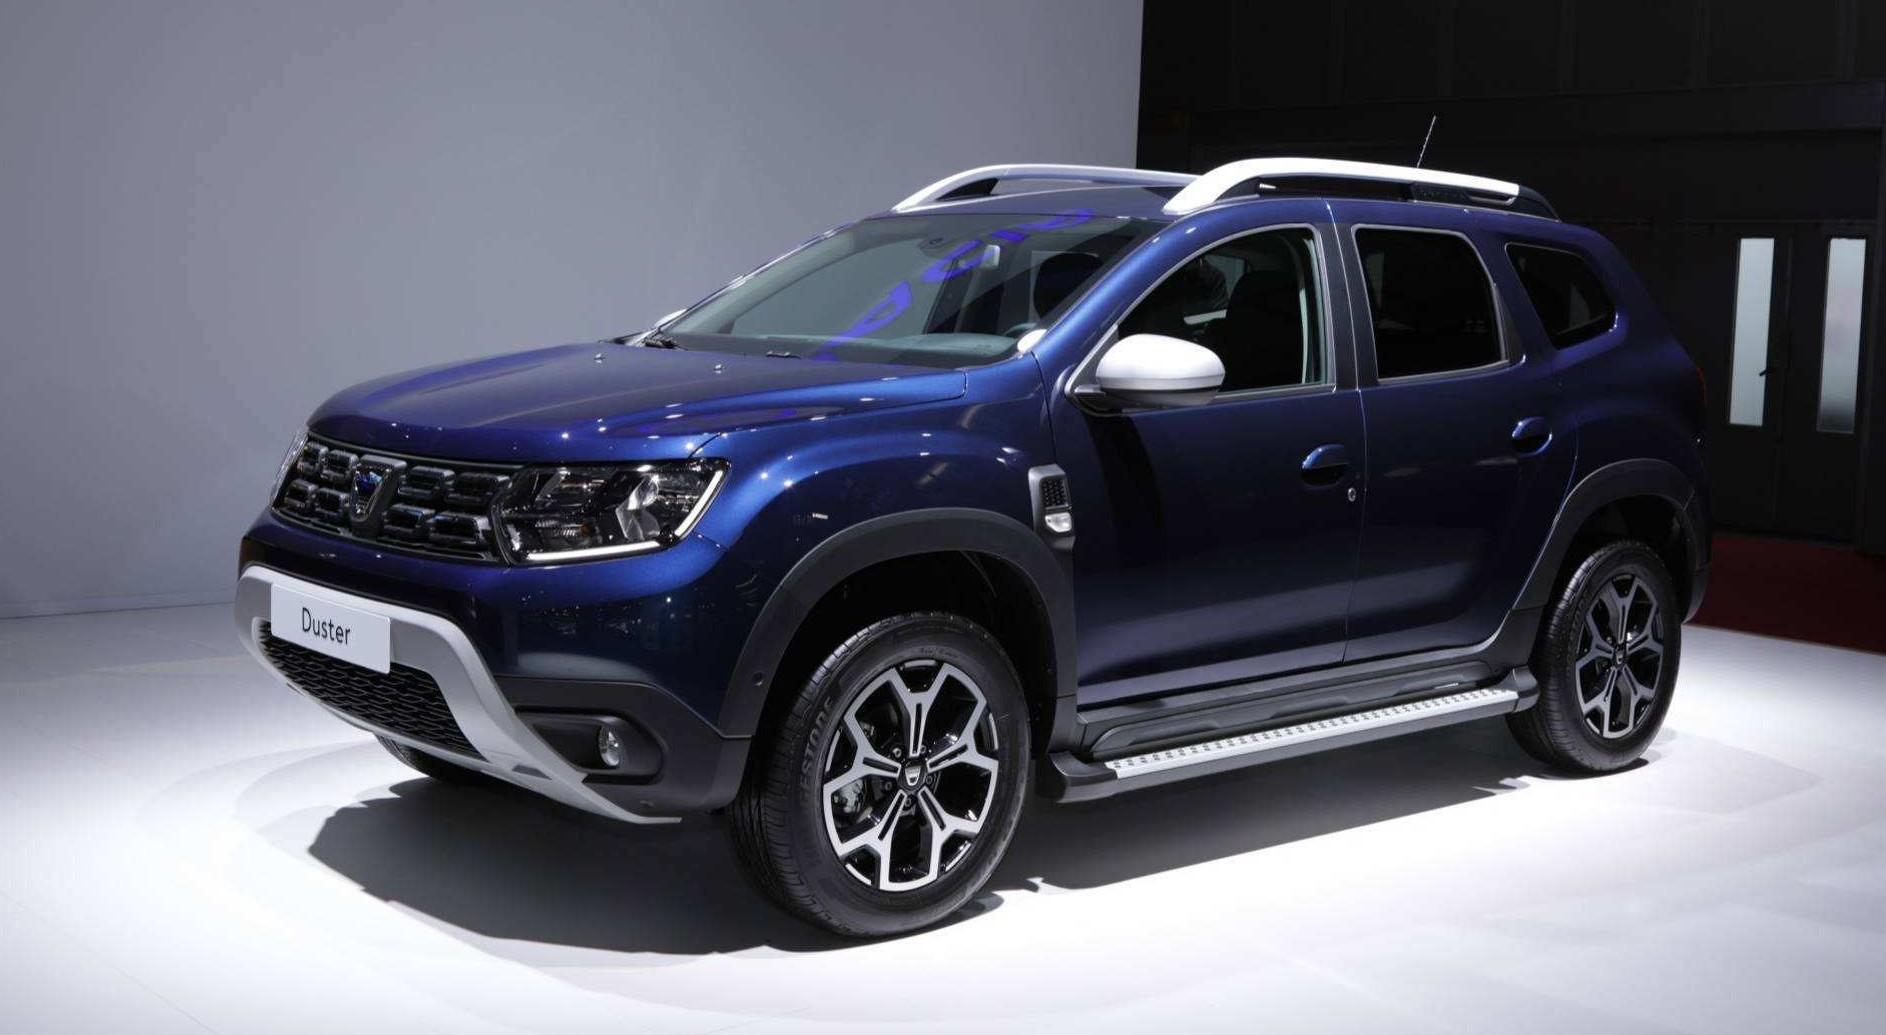 Nuova Dacia Duster 2020, sarà un modello